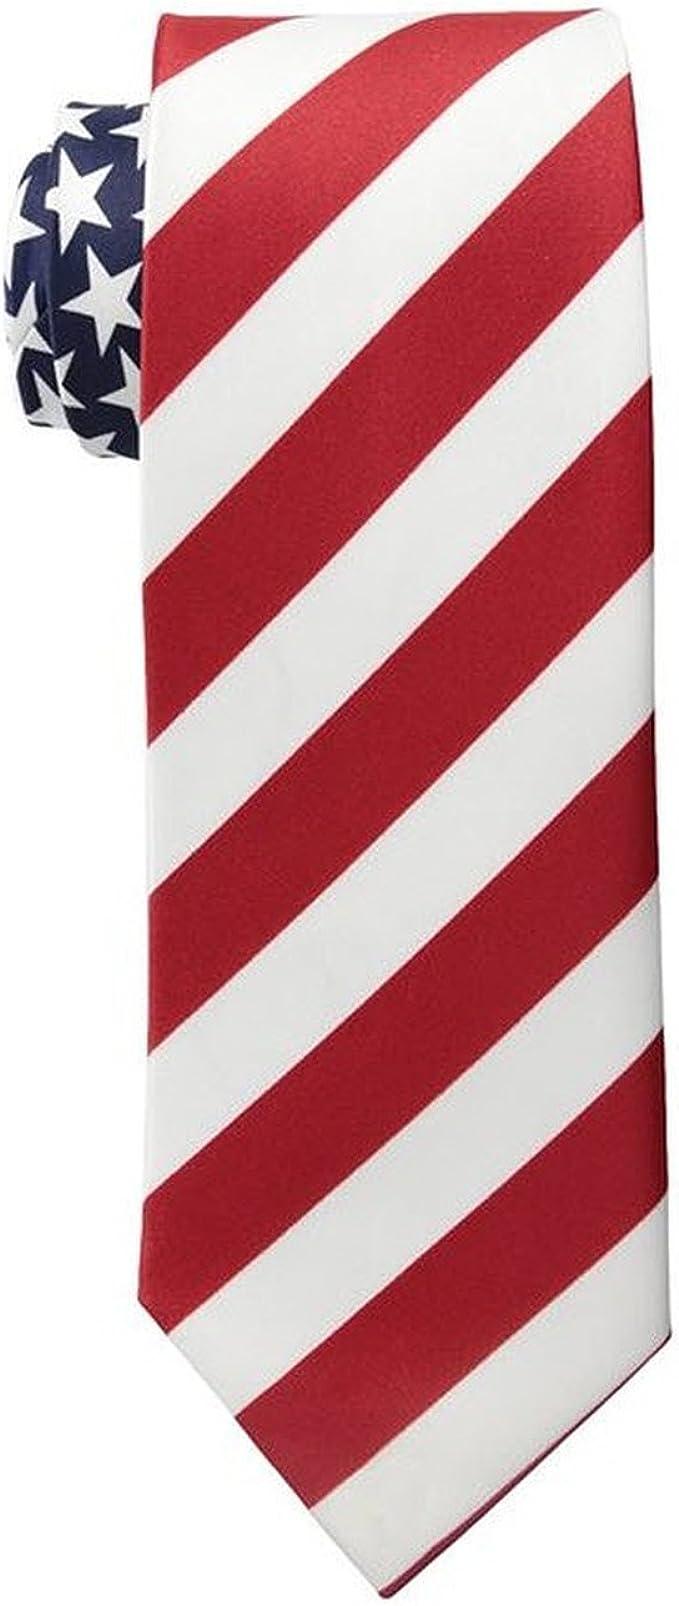 Corbata de hombre con la bandera de EE. UU., colores azul, blanco ...